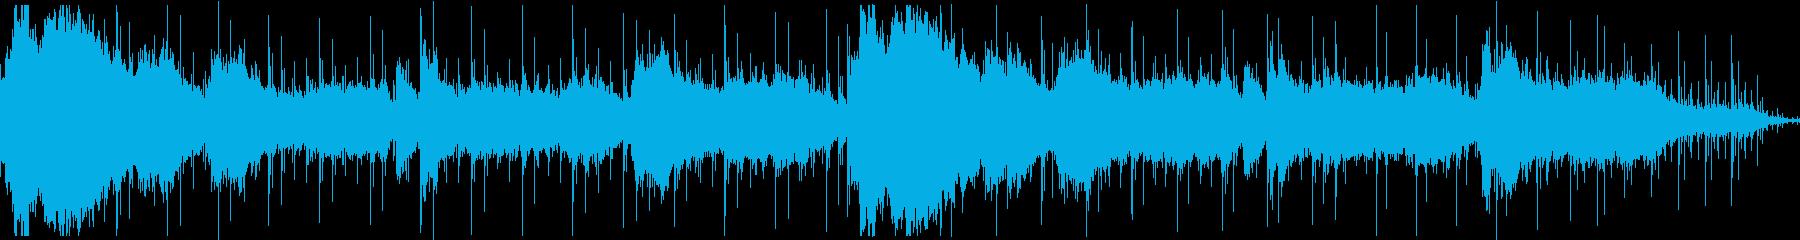 足音が入っているアンビエント系のホラー曲の再生済みの波形